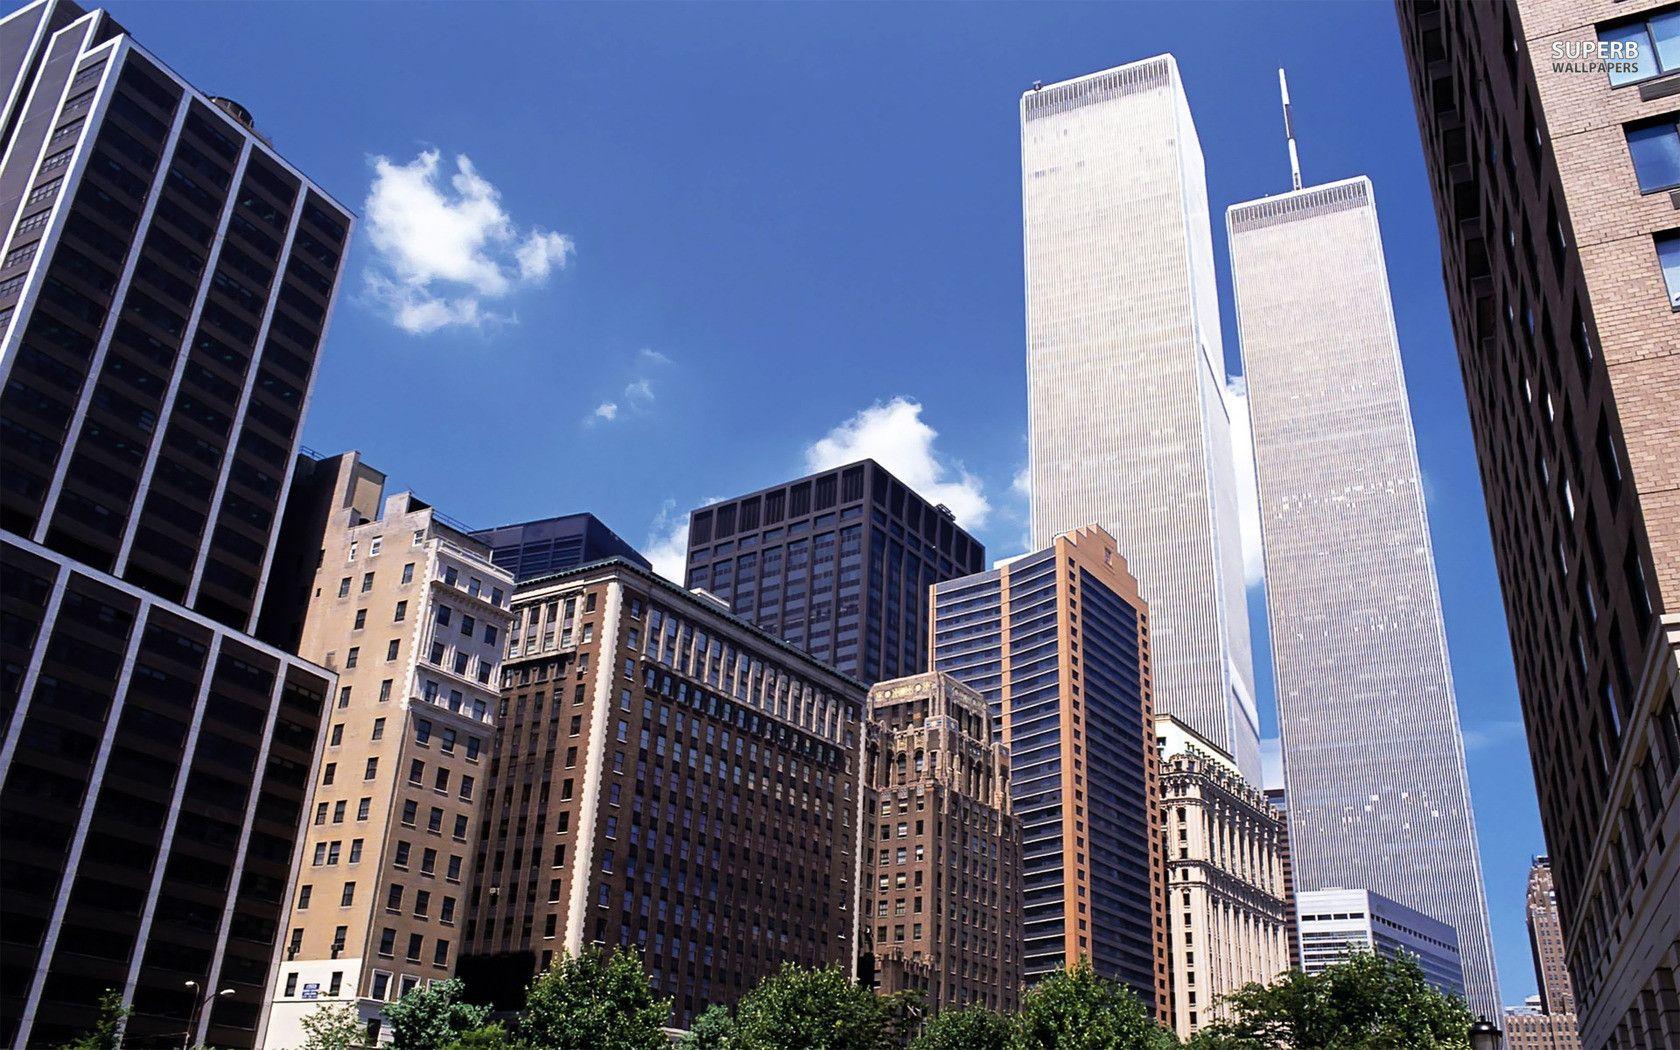 New York Twin Towers Wallpaper Wallpapersafari